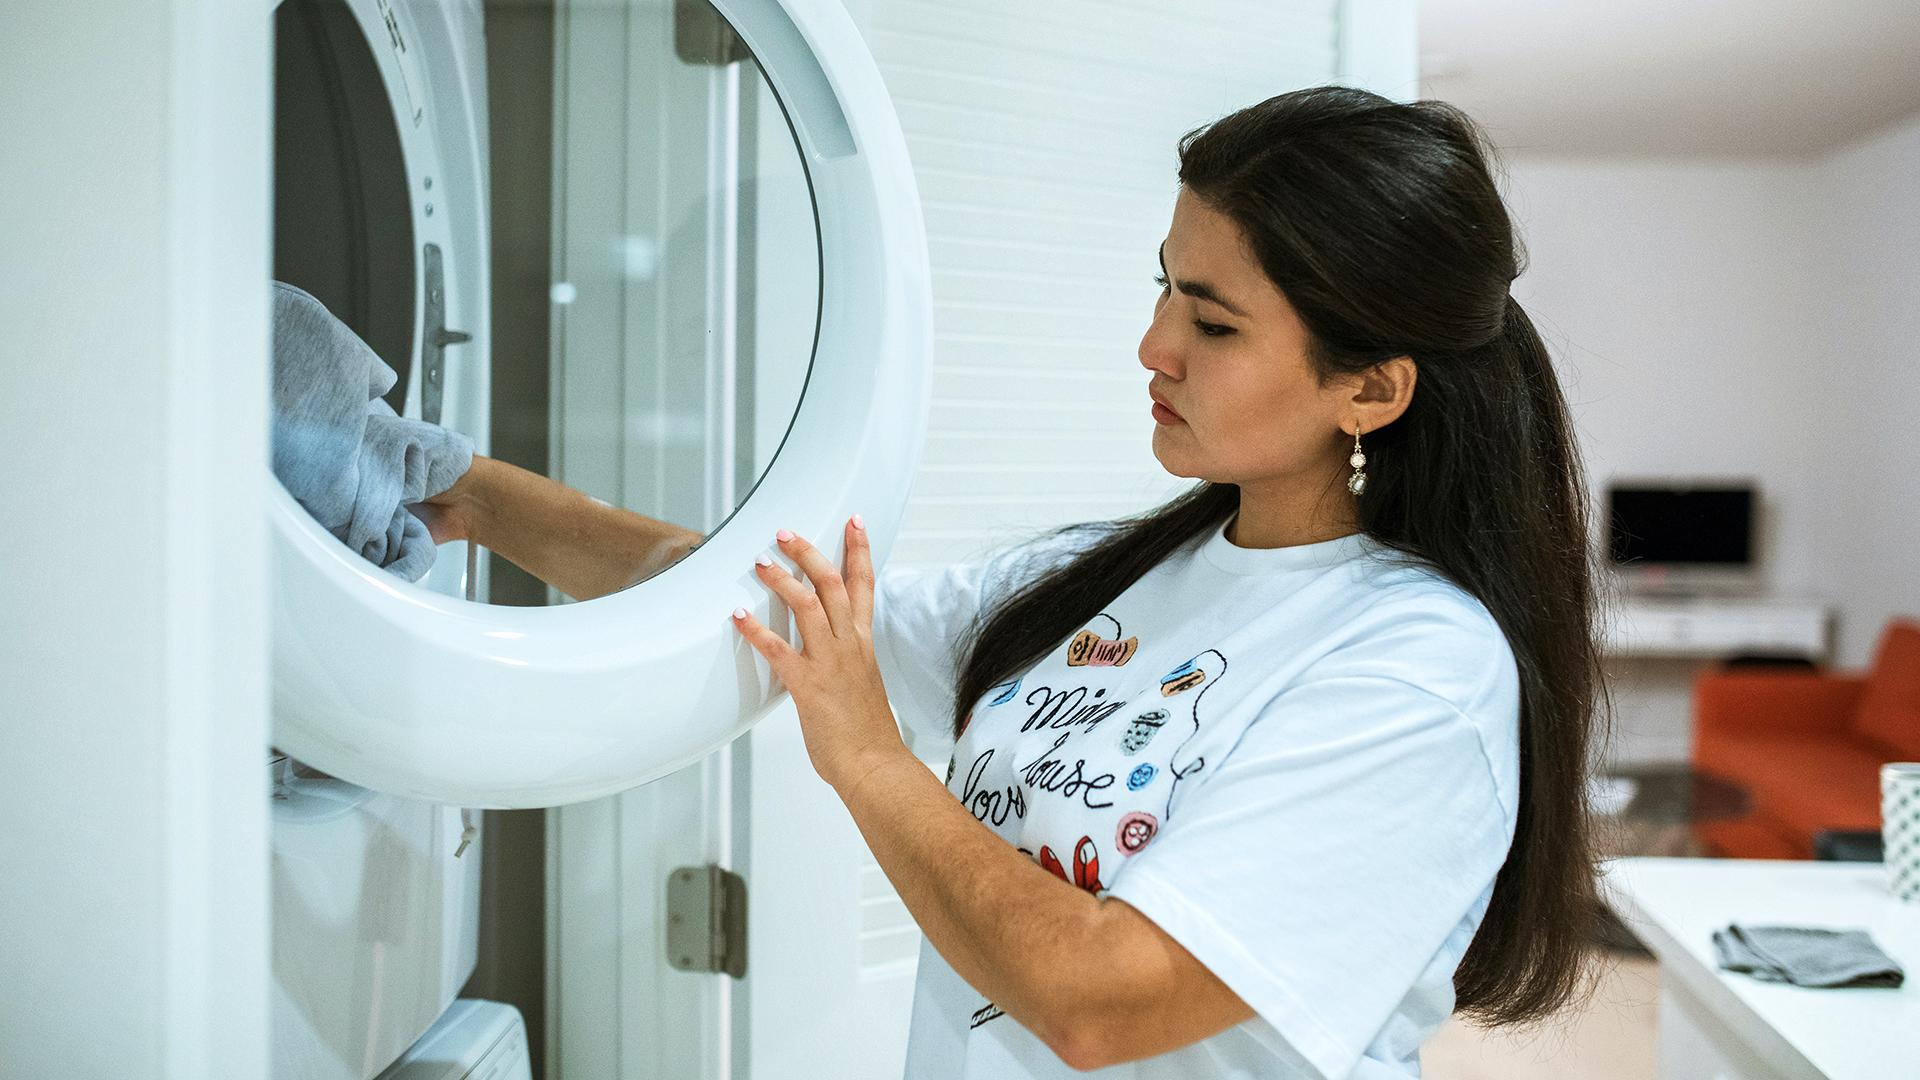 Centrum PUCP: Mujeres dedican al hogar 17 horas semanales más que los hombres